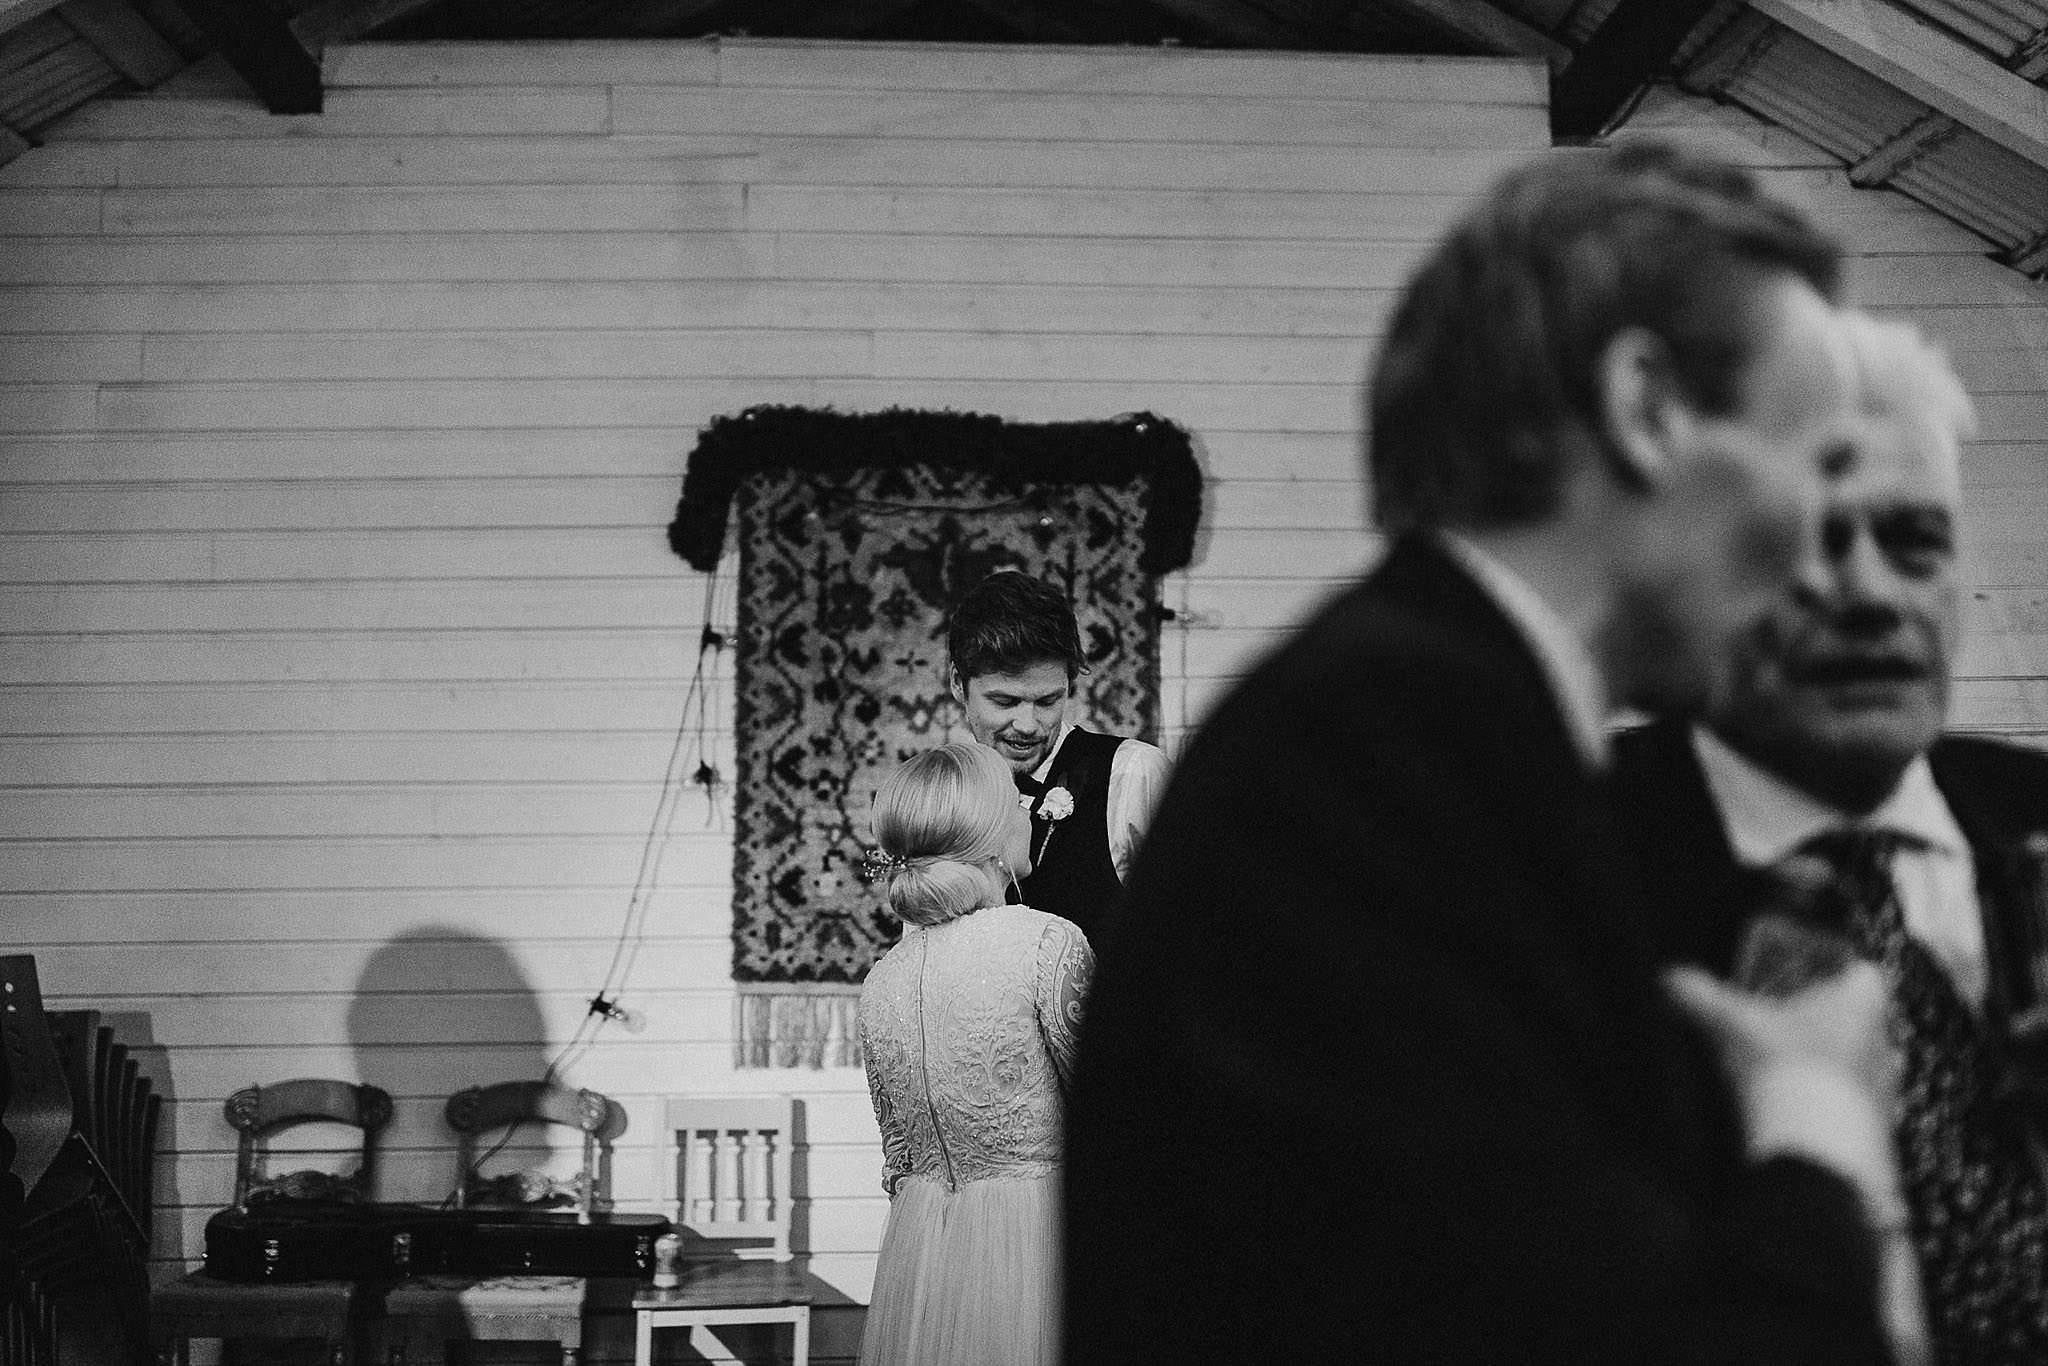 Haakuvaus_wedding_jyvaskyla_muurame_tuomiston_tila_0118.jpg